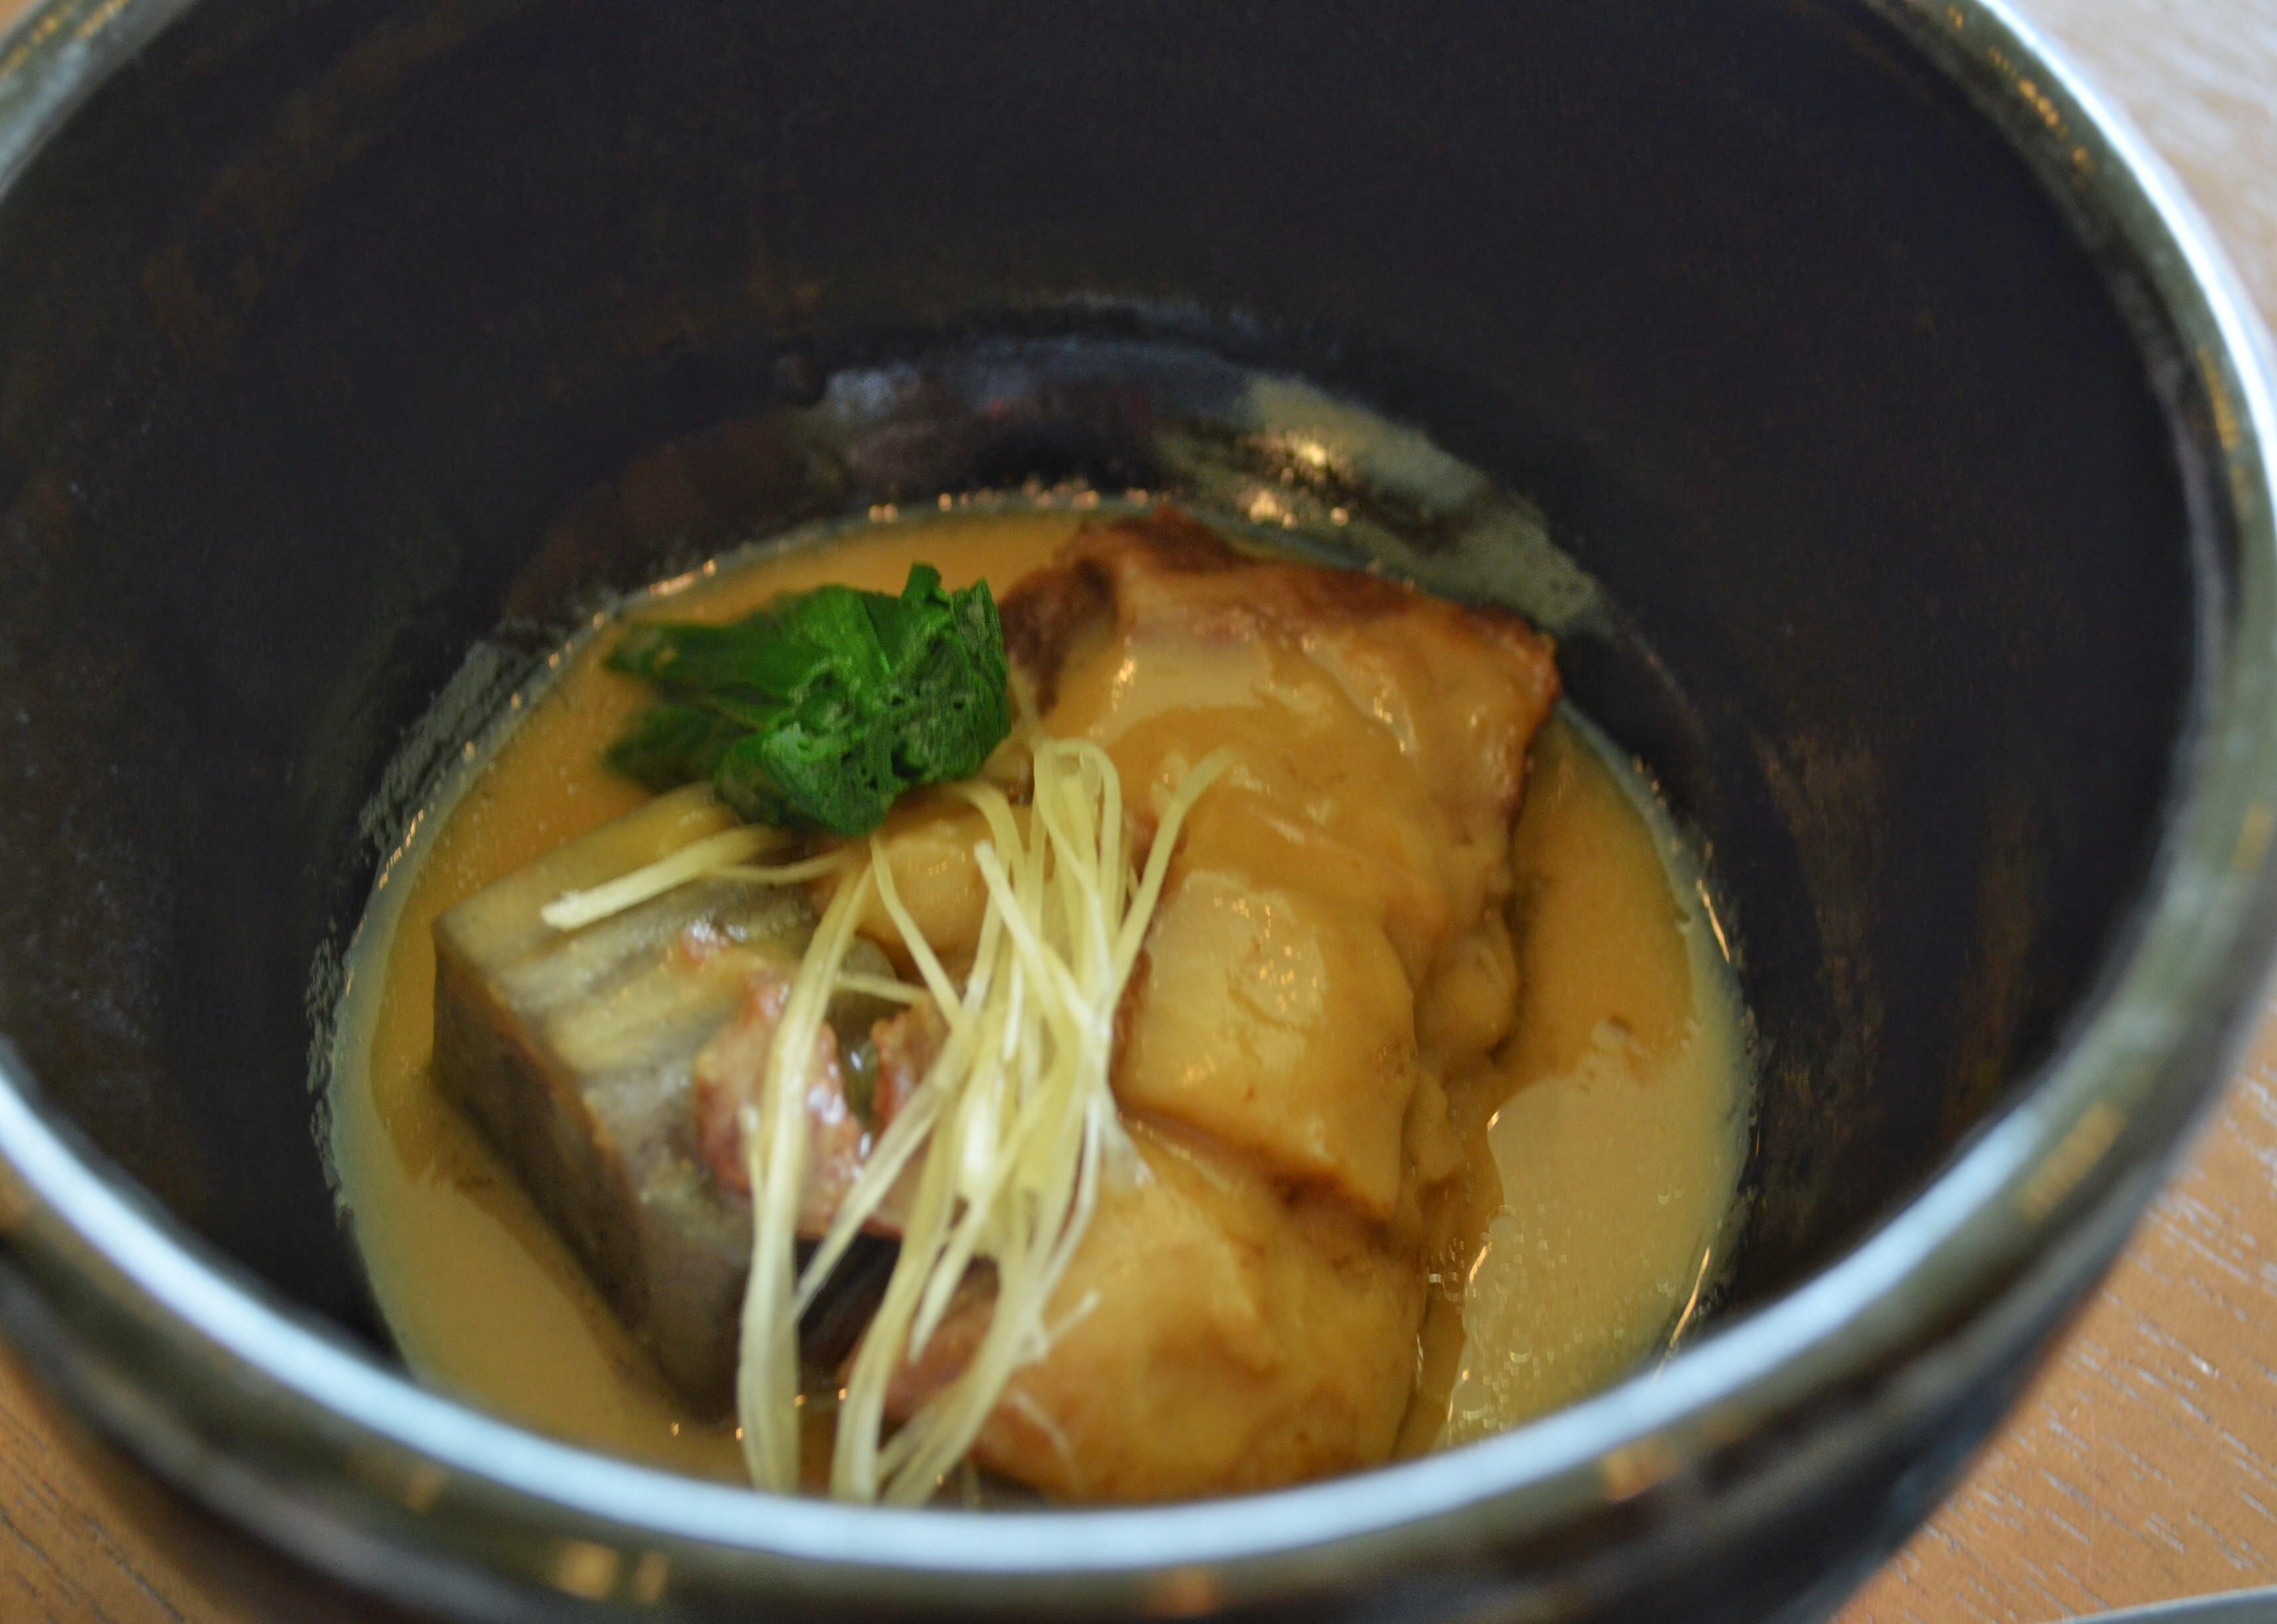 Kurobuta pork in thick gingery gravy